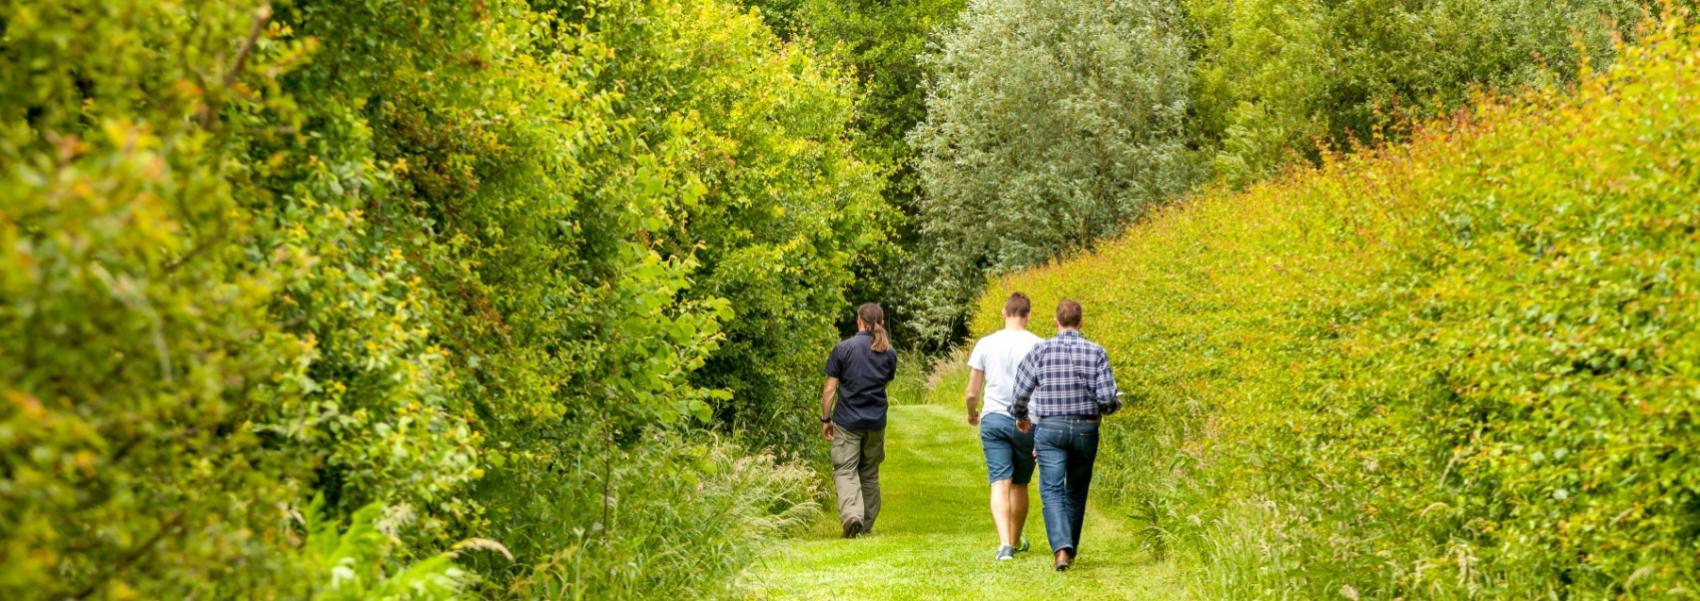 3 mensen aan het wandelen